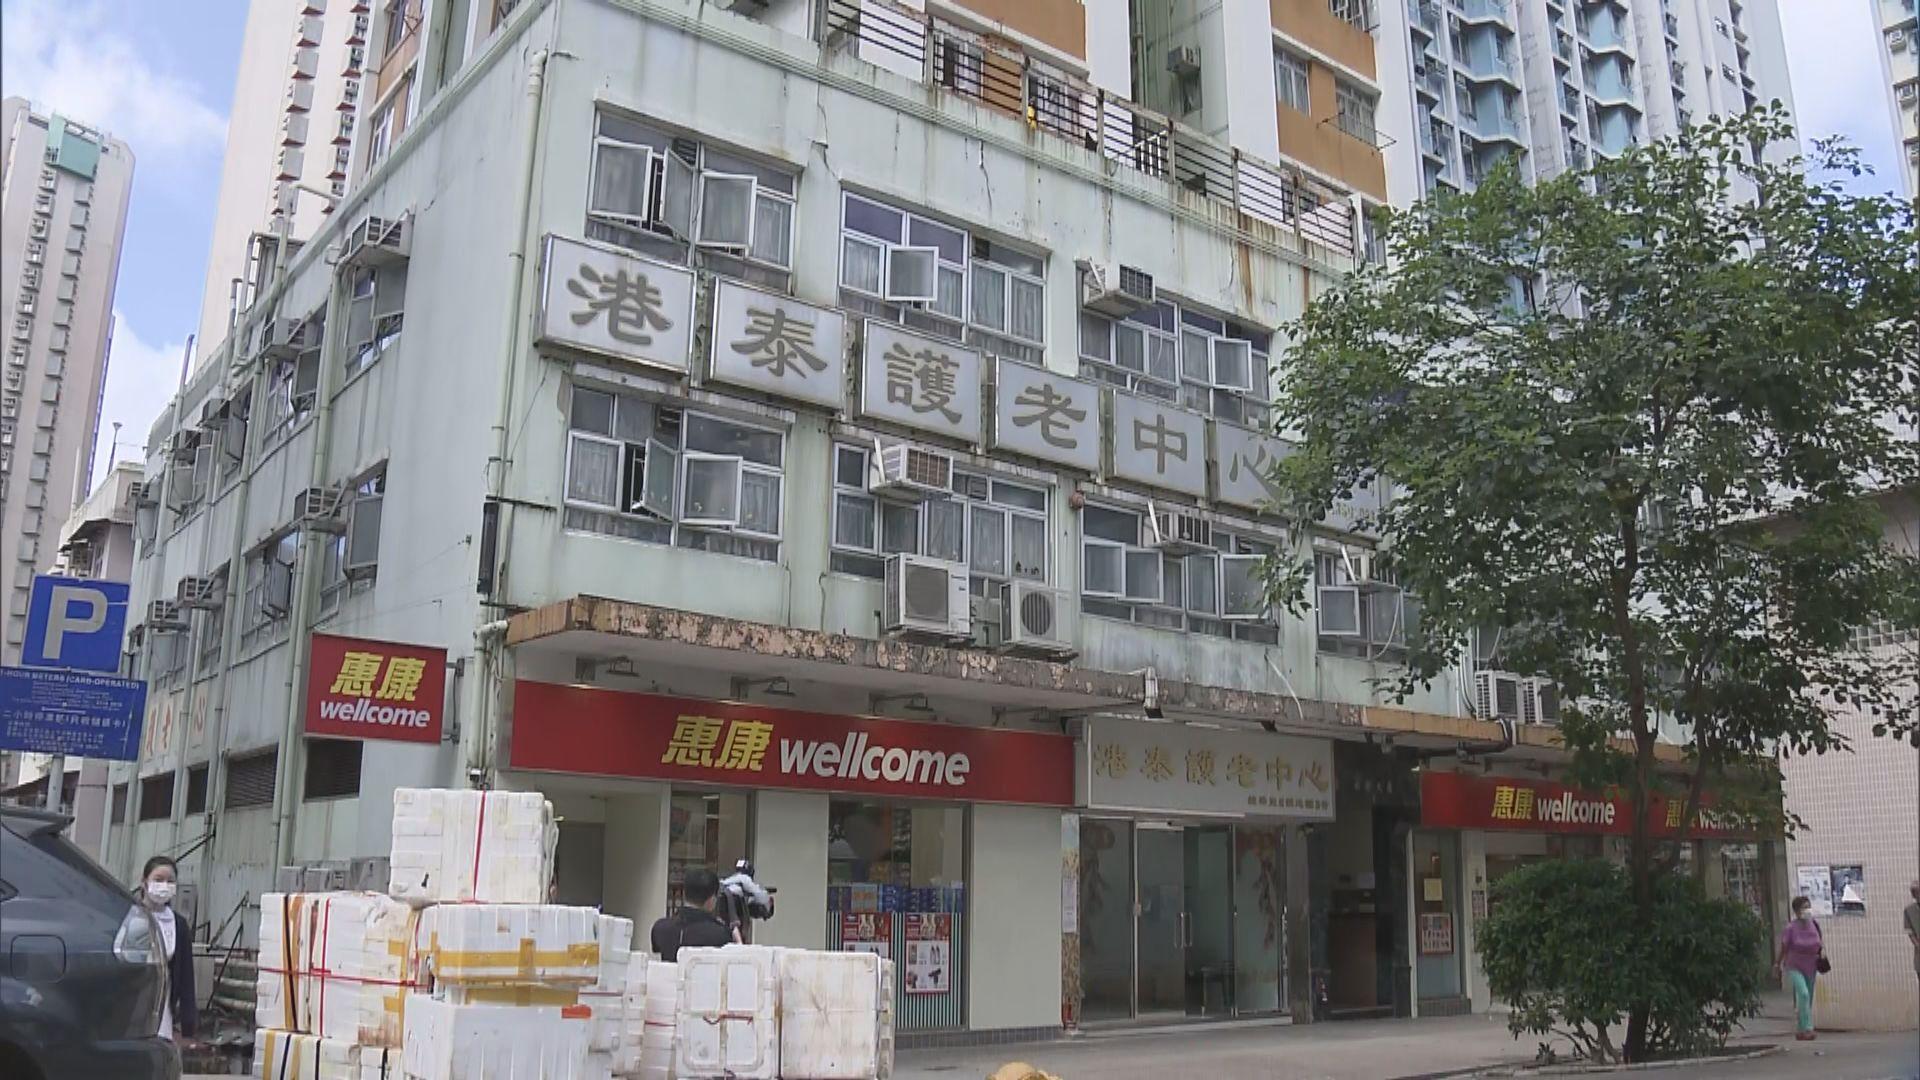 港泰護老中心樓上仍運作 大廈住客感憂慮